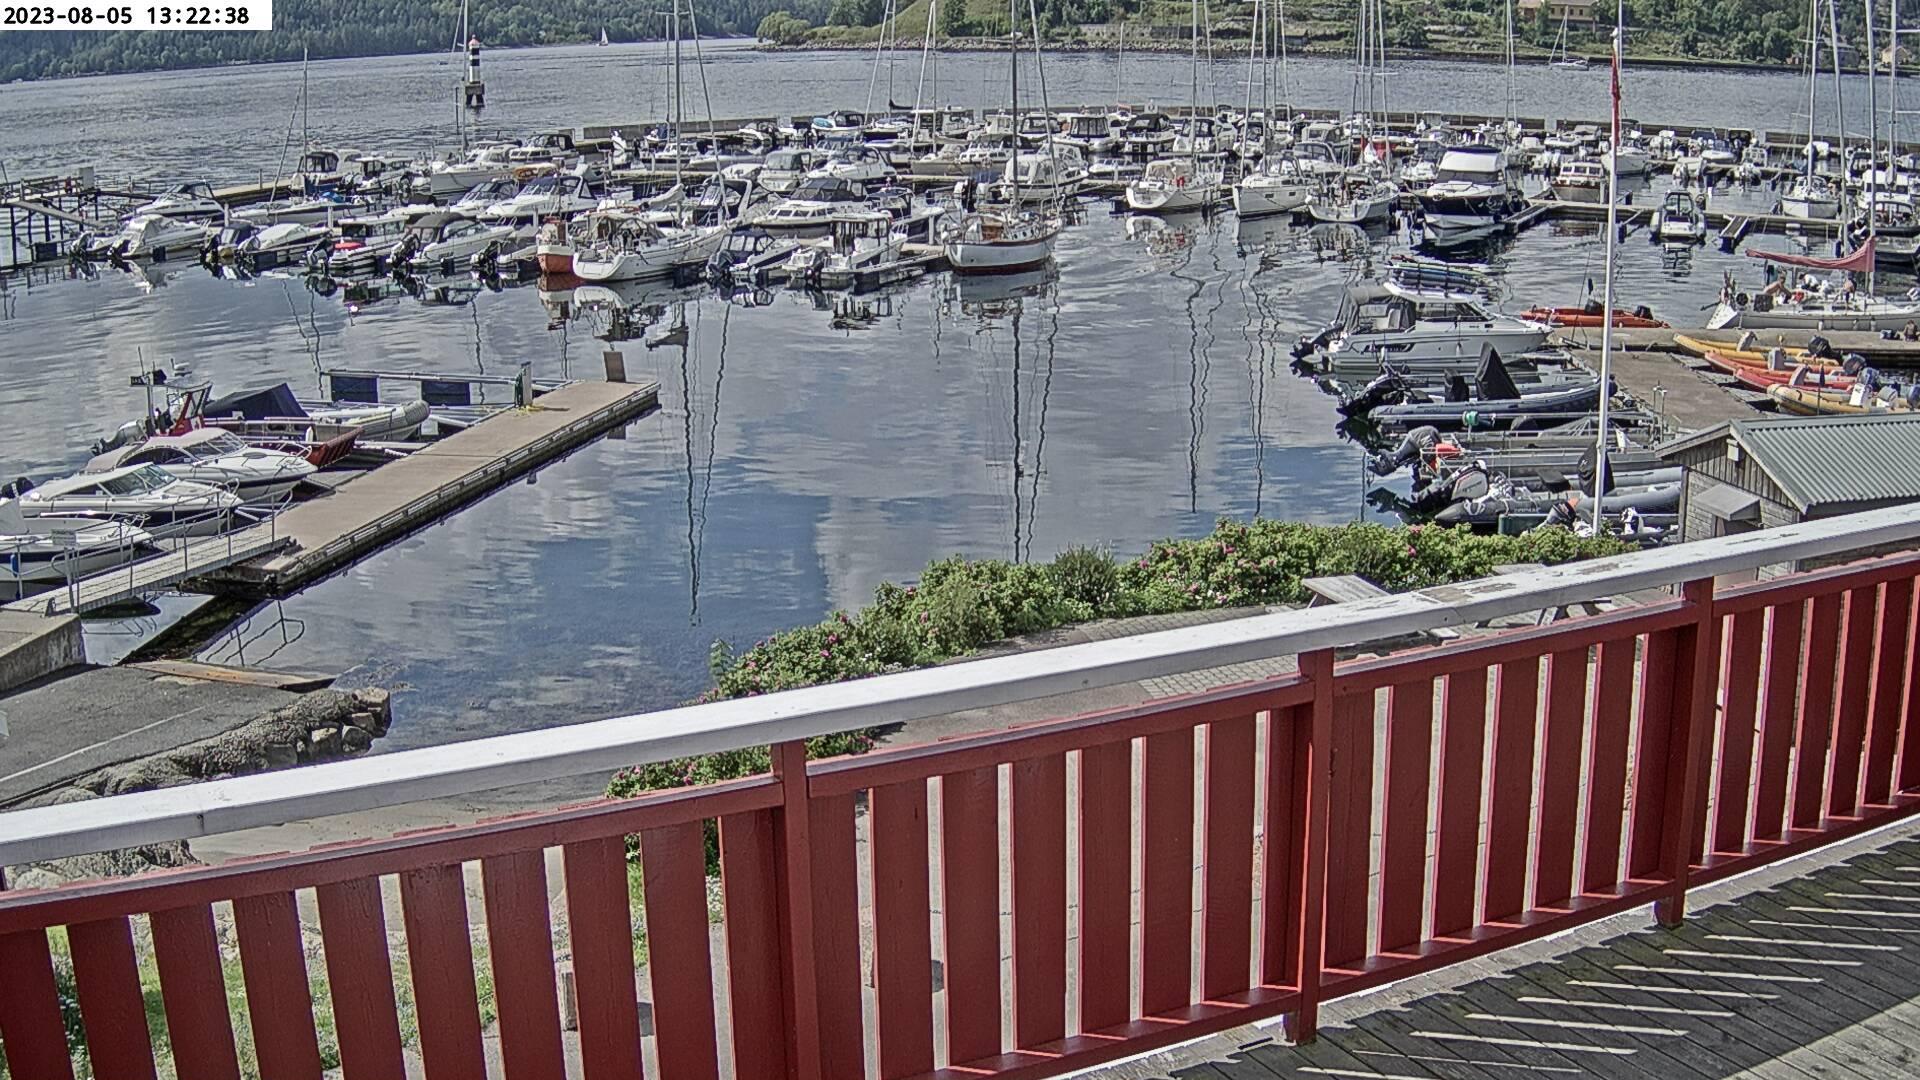 Webkamera ytre havn